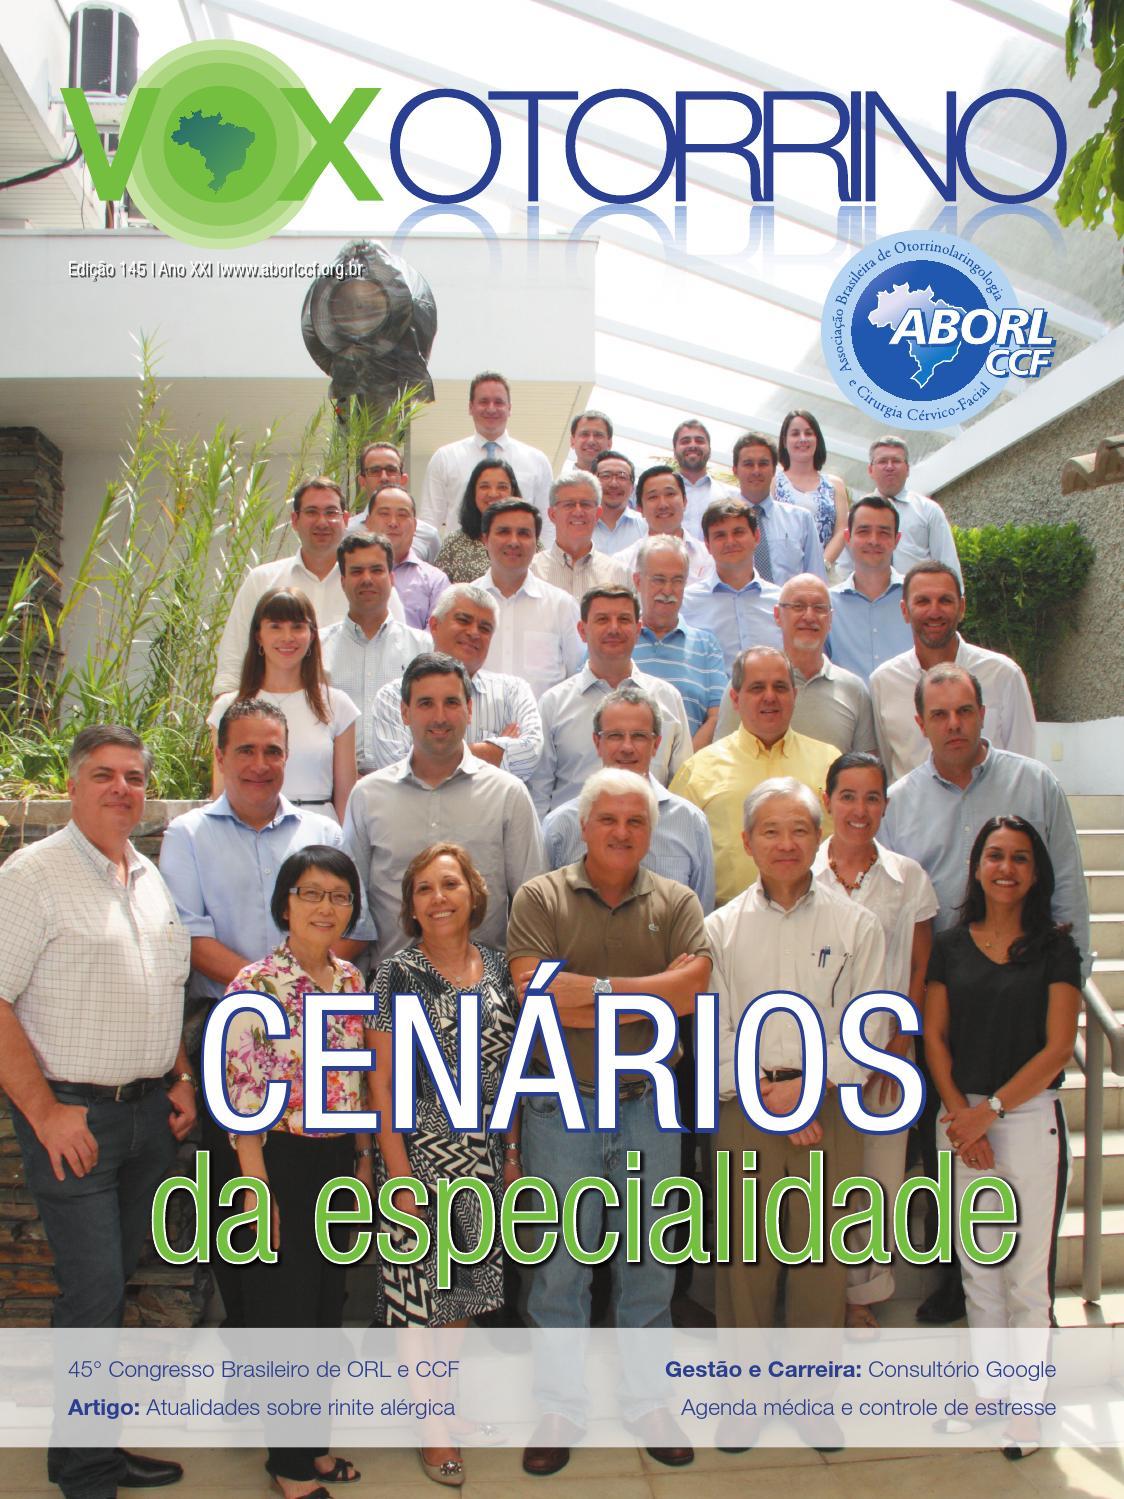 Revista Vox Otorrino - Nº 145 by ASSOCIAÇÃO BRASILEIRA DE  OTORRINOLARINGOLOGIA E CIRURGIA CÉRVICO-FACIAL - issuu 85ee8af027d94